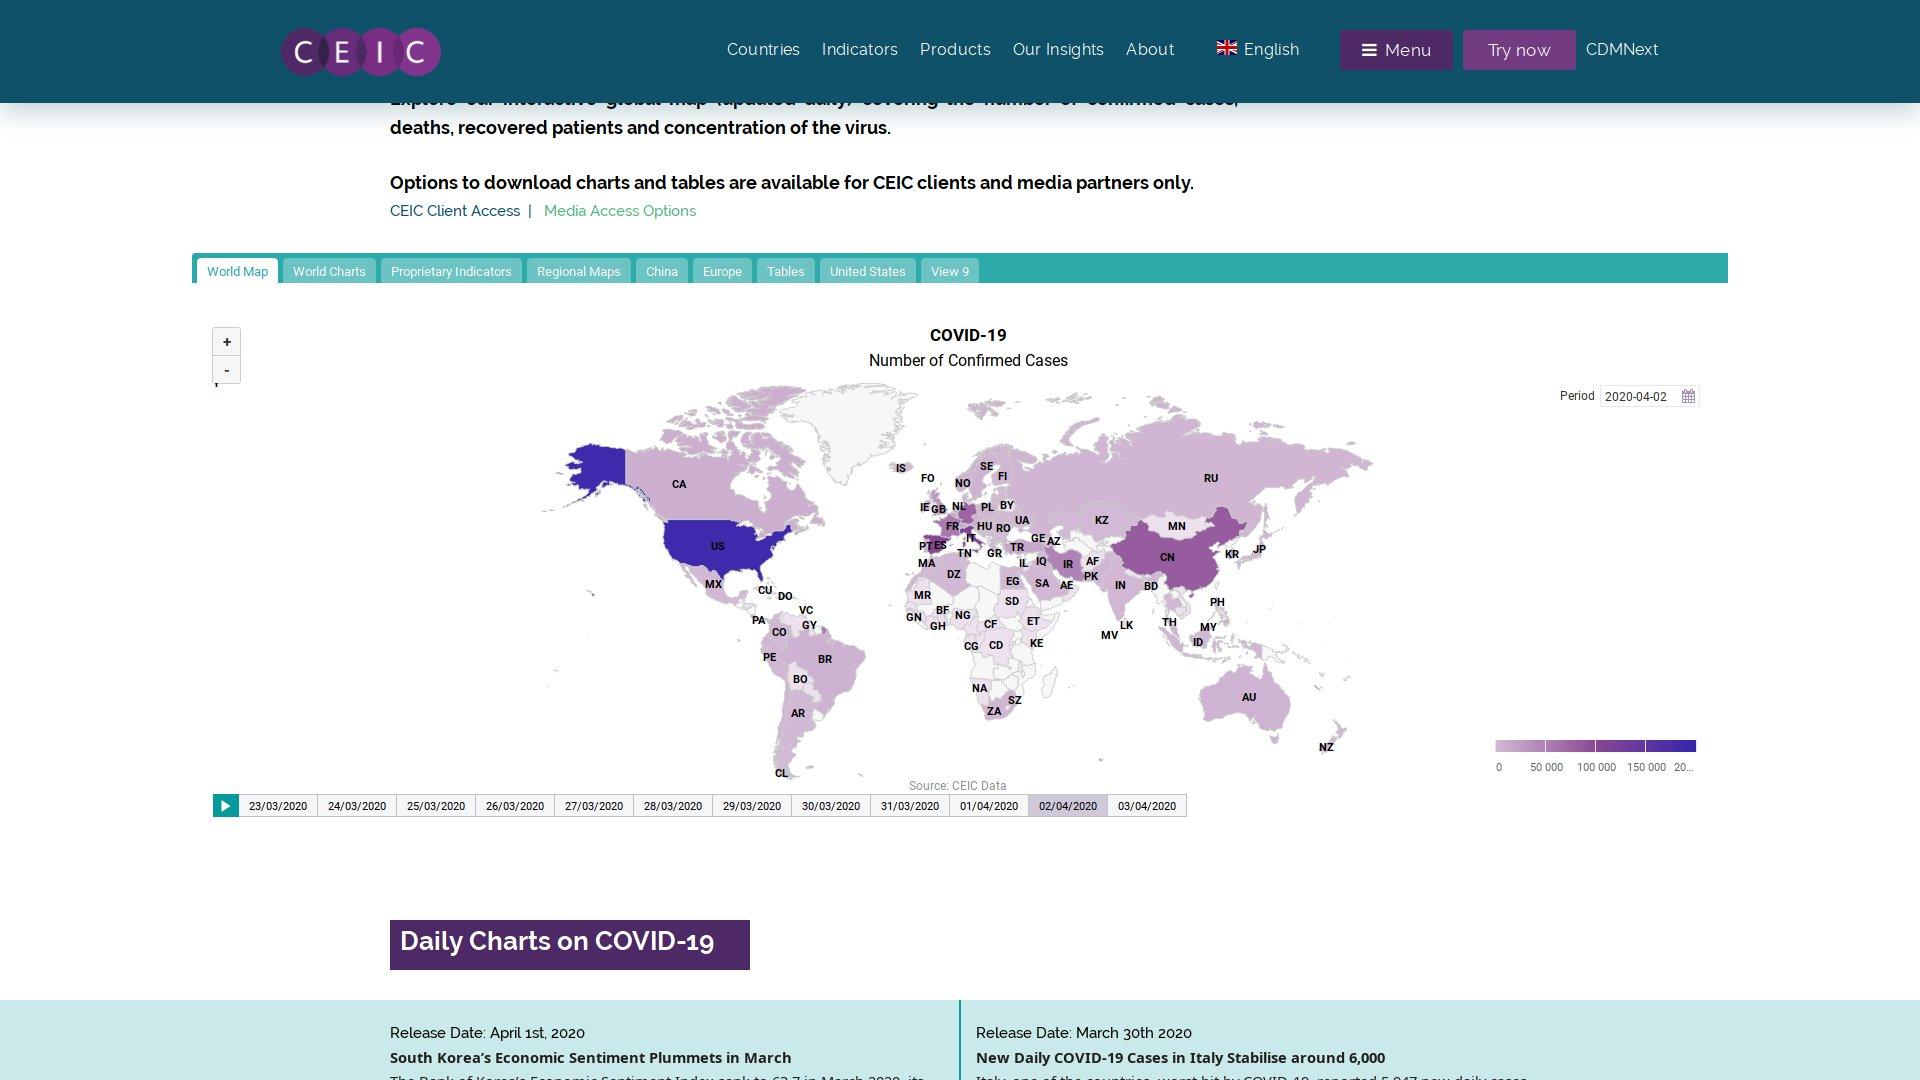 Карты распространения коронавируса SARS-CoV-2